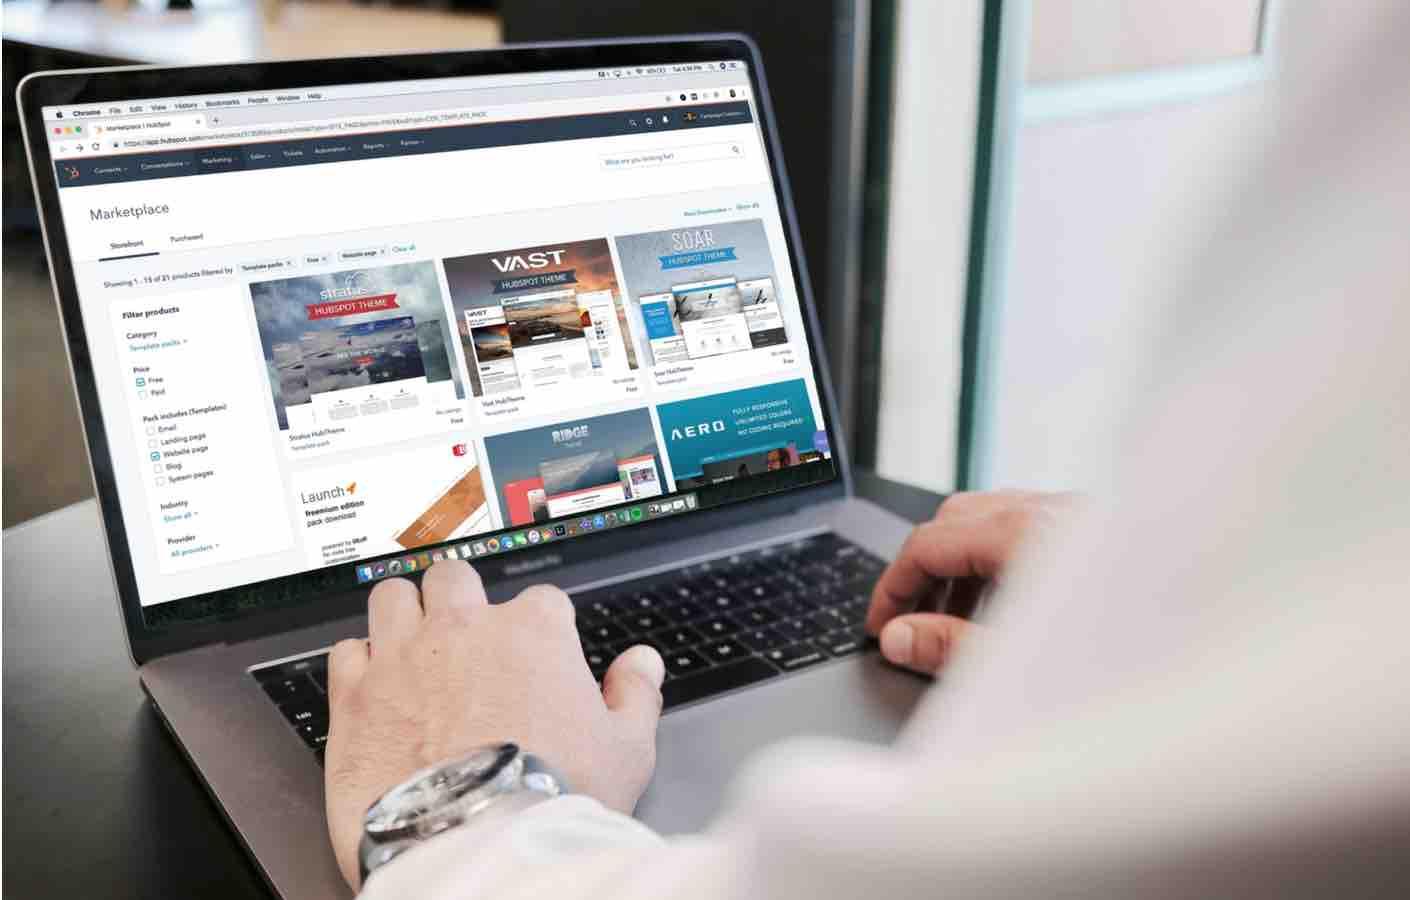 Si aprono pagine internet da sole come risolvere il problema